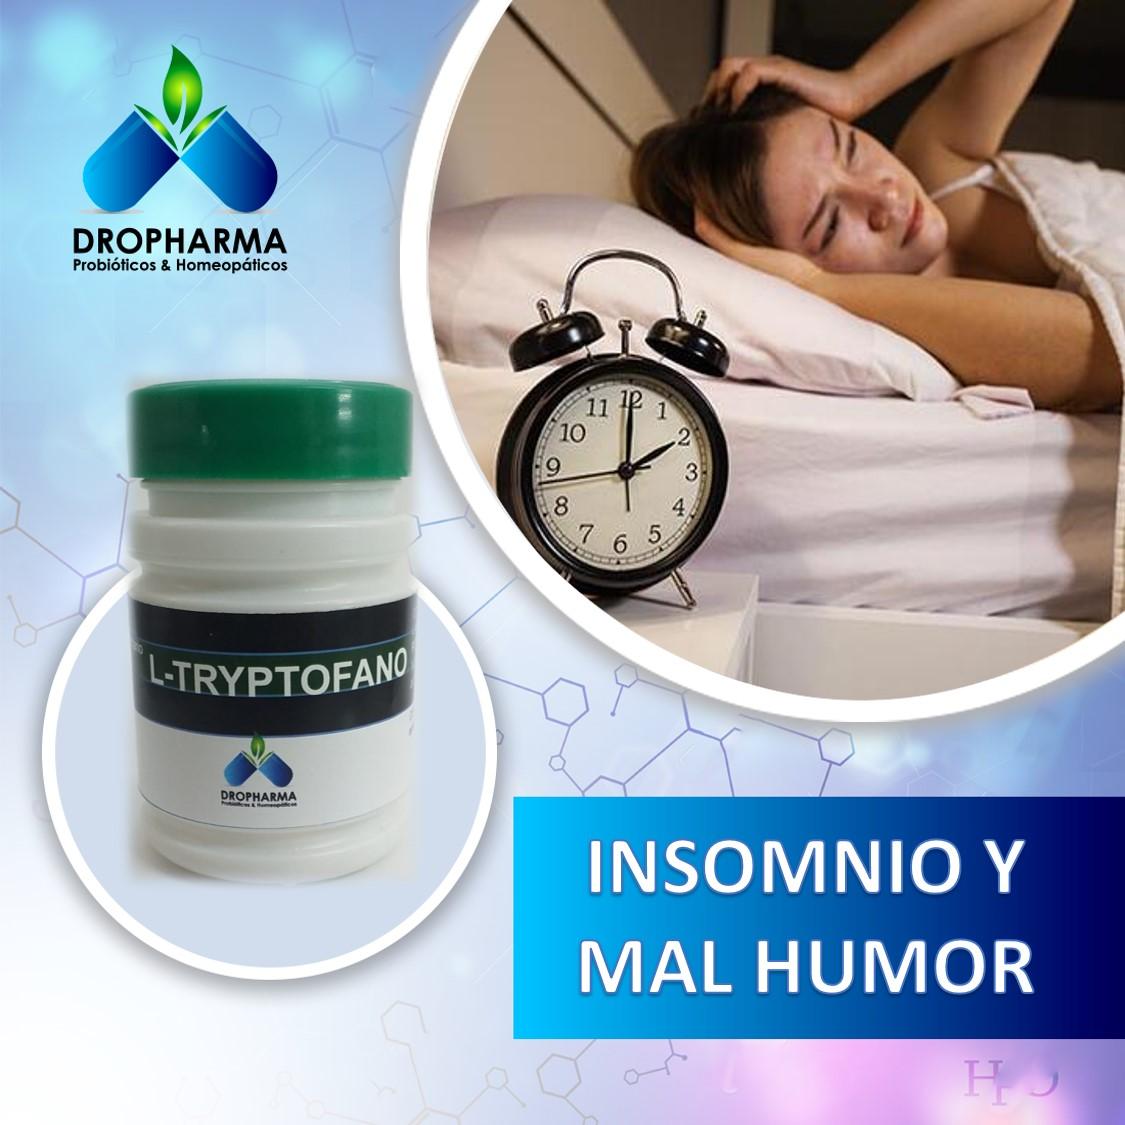 Duerme bien y mejora tu humor con el triptófano